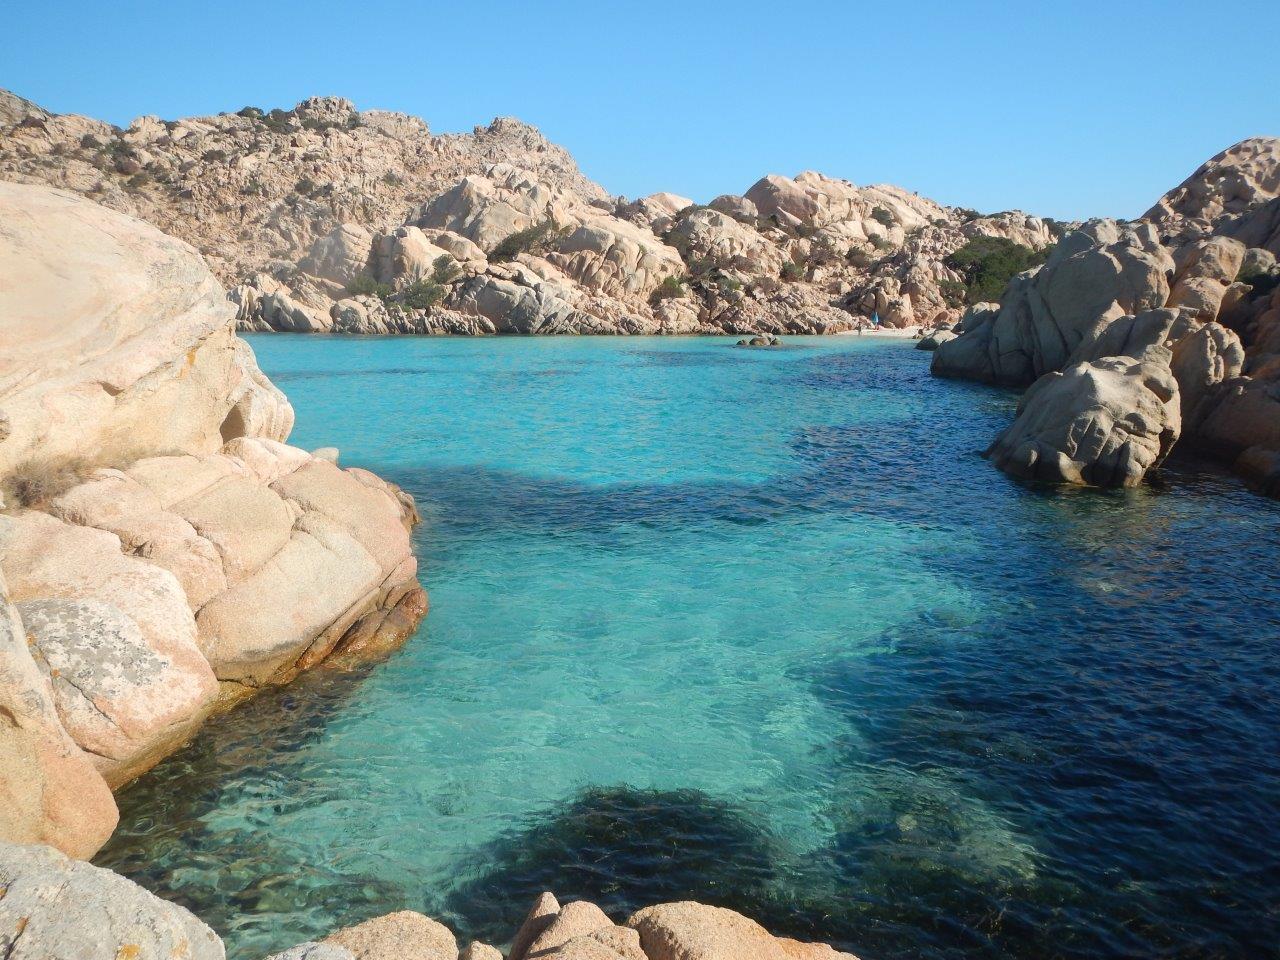 Mit der Segelyacht JOJO zu den schönsten Stellen im Mittelmeer